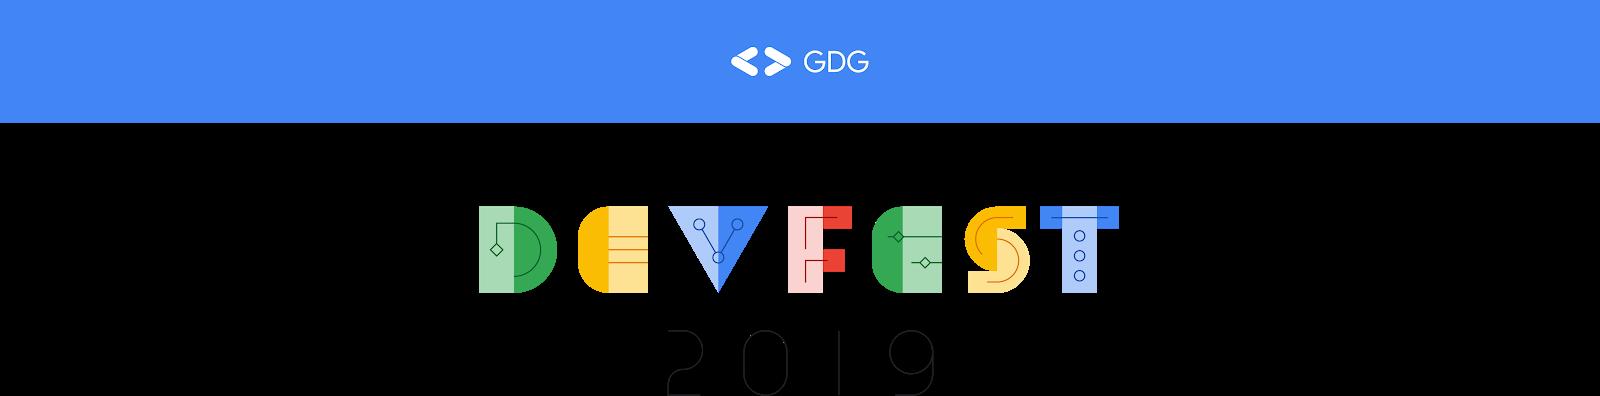 GDG DevFest banner